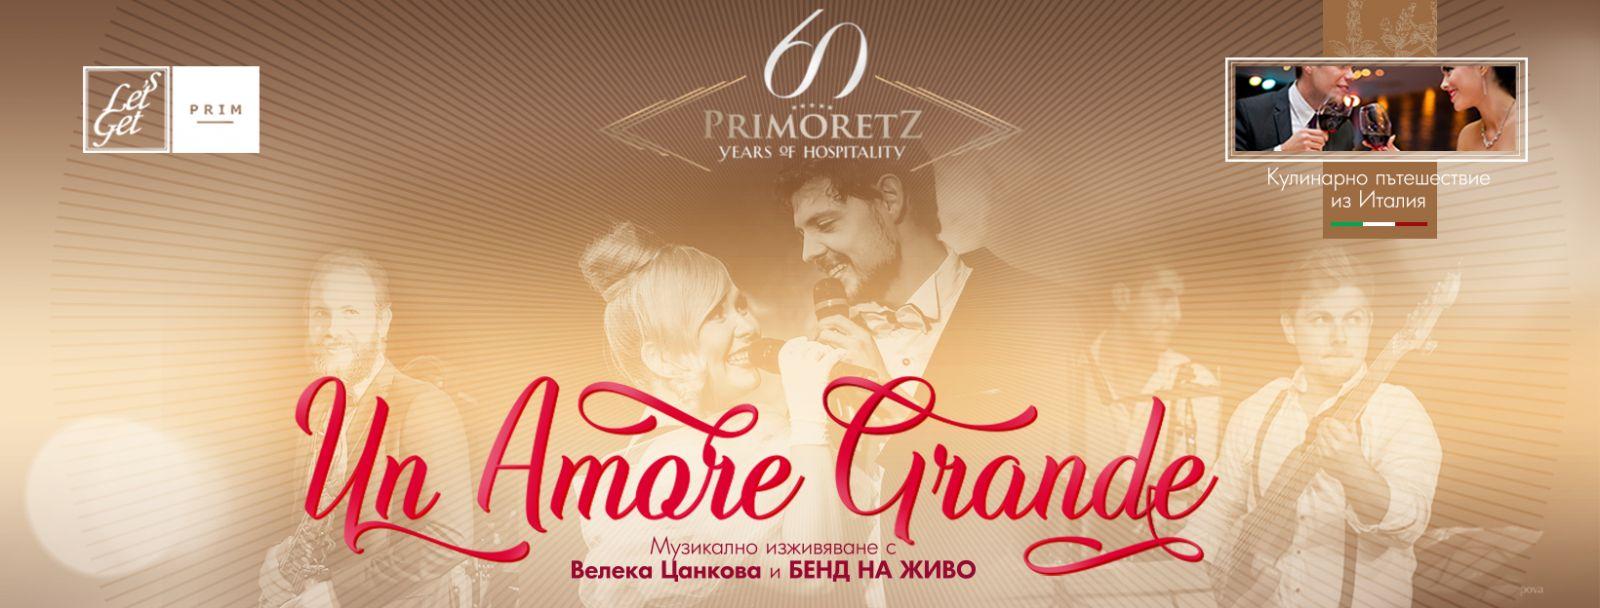 Let's Get PRIM: Un Amore Grande